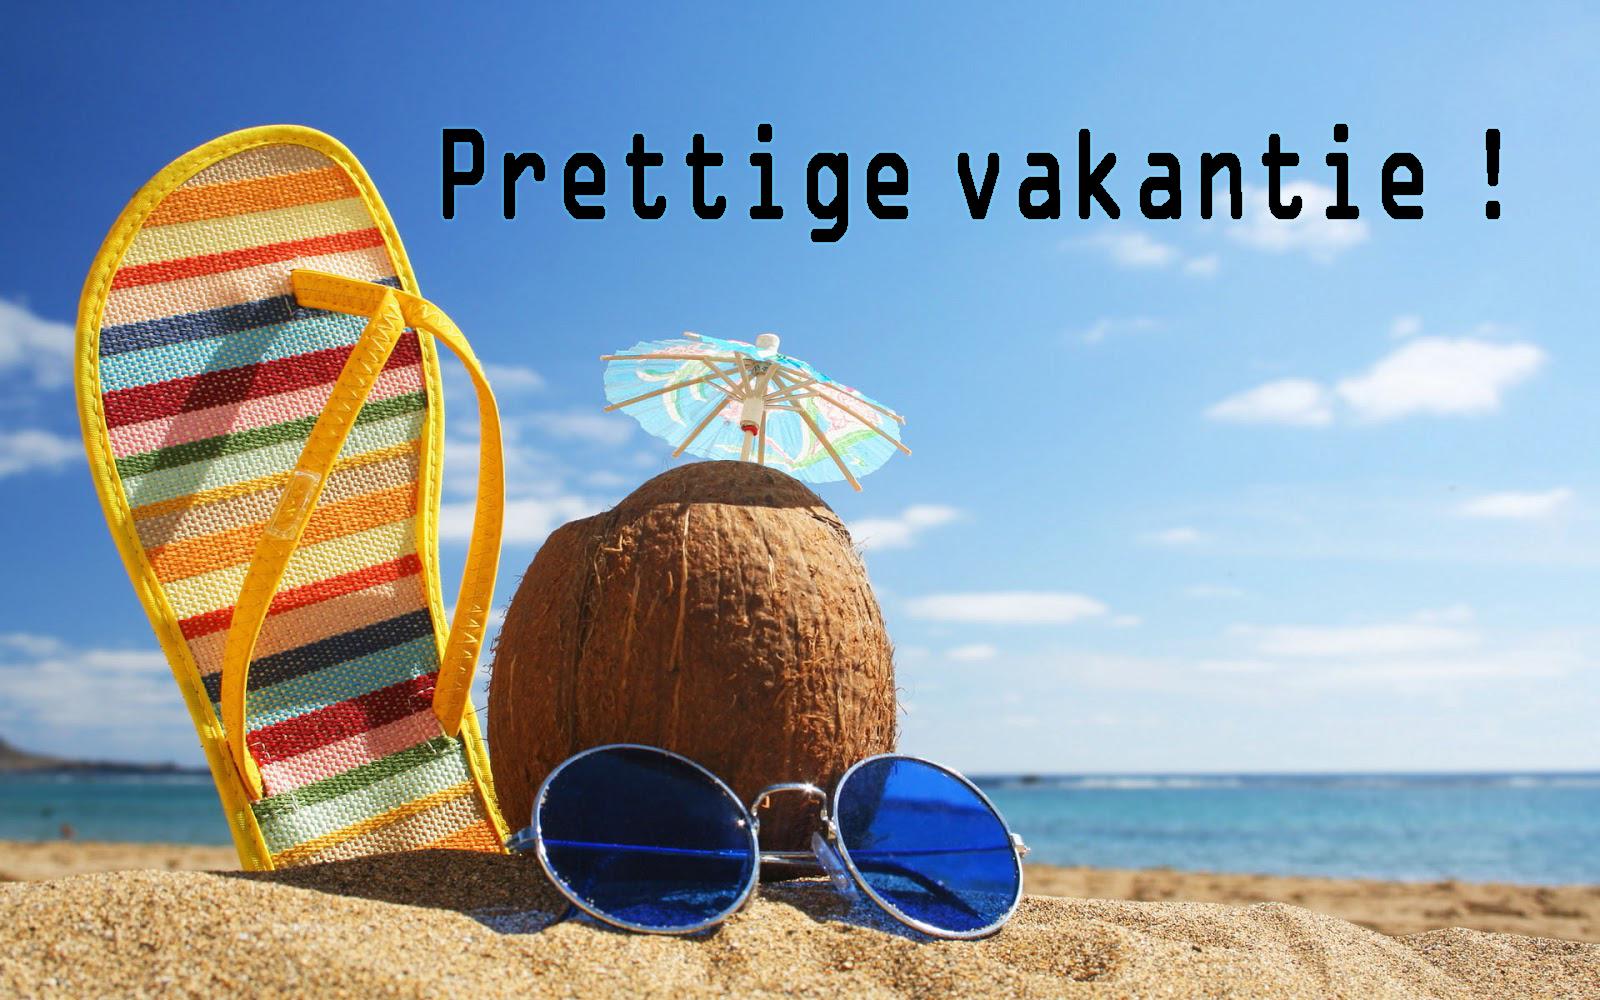 Prettige vakantie! :)